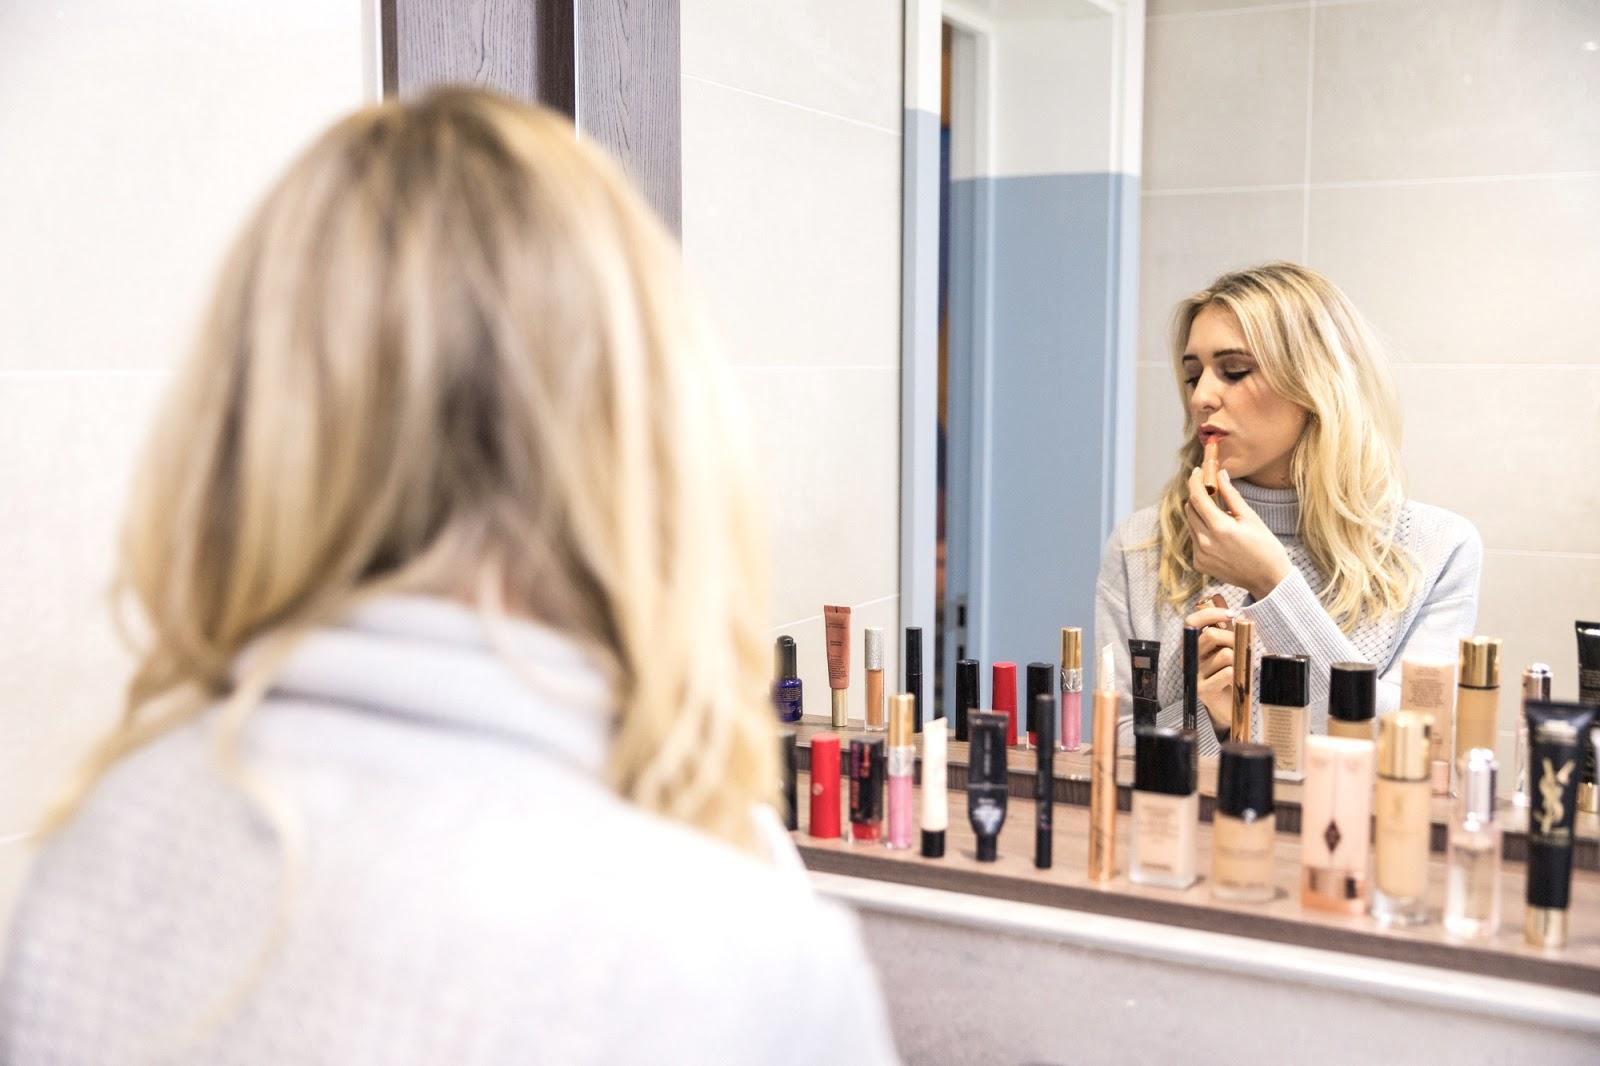 lipstick in mirror shot